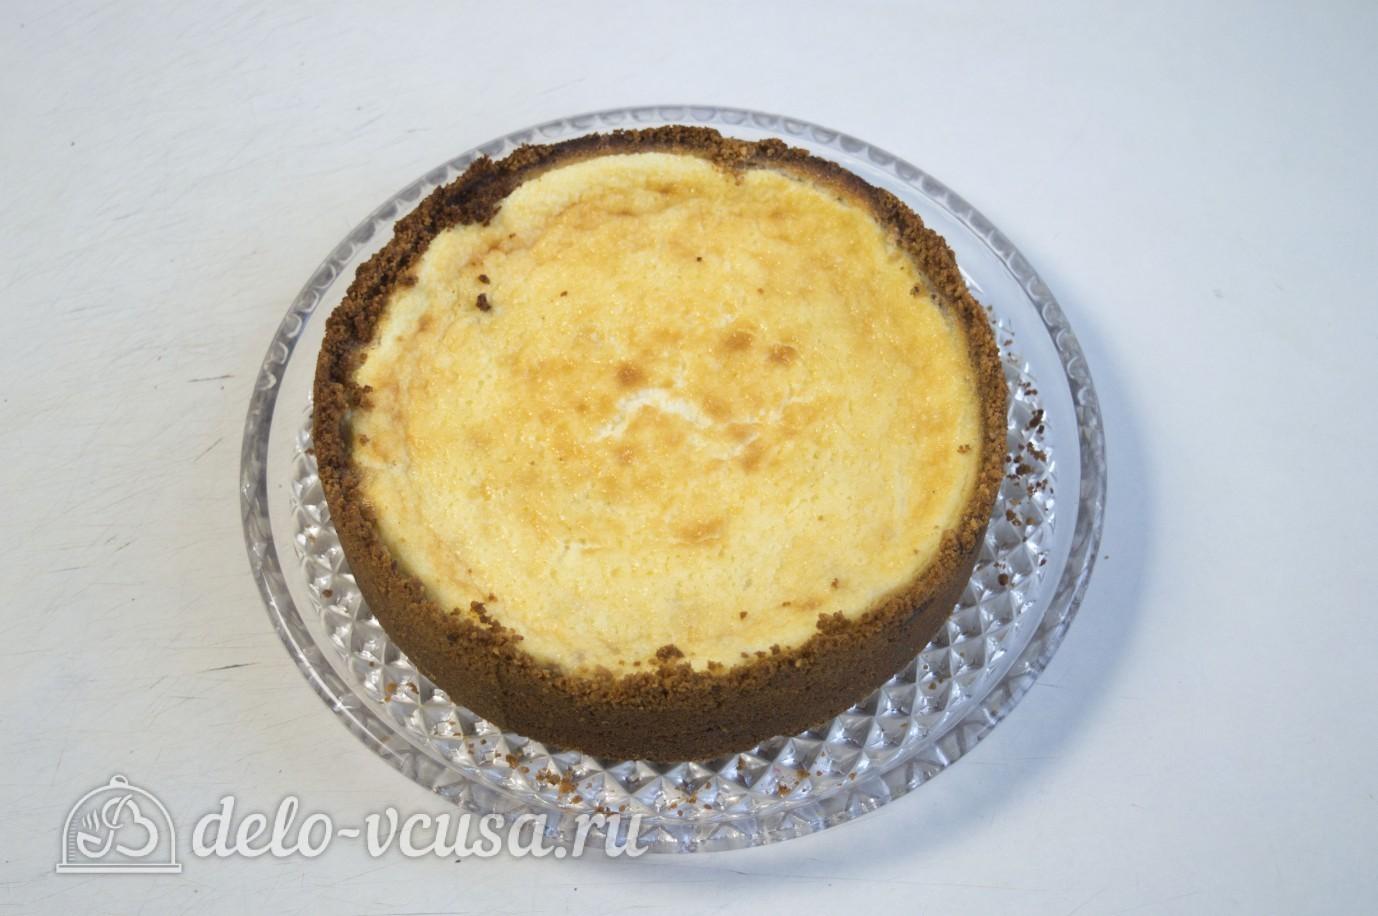 Сметанник пирожное рецепт пошагово в